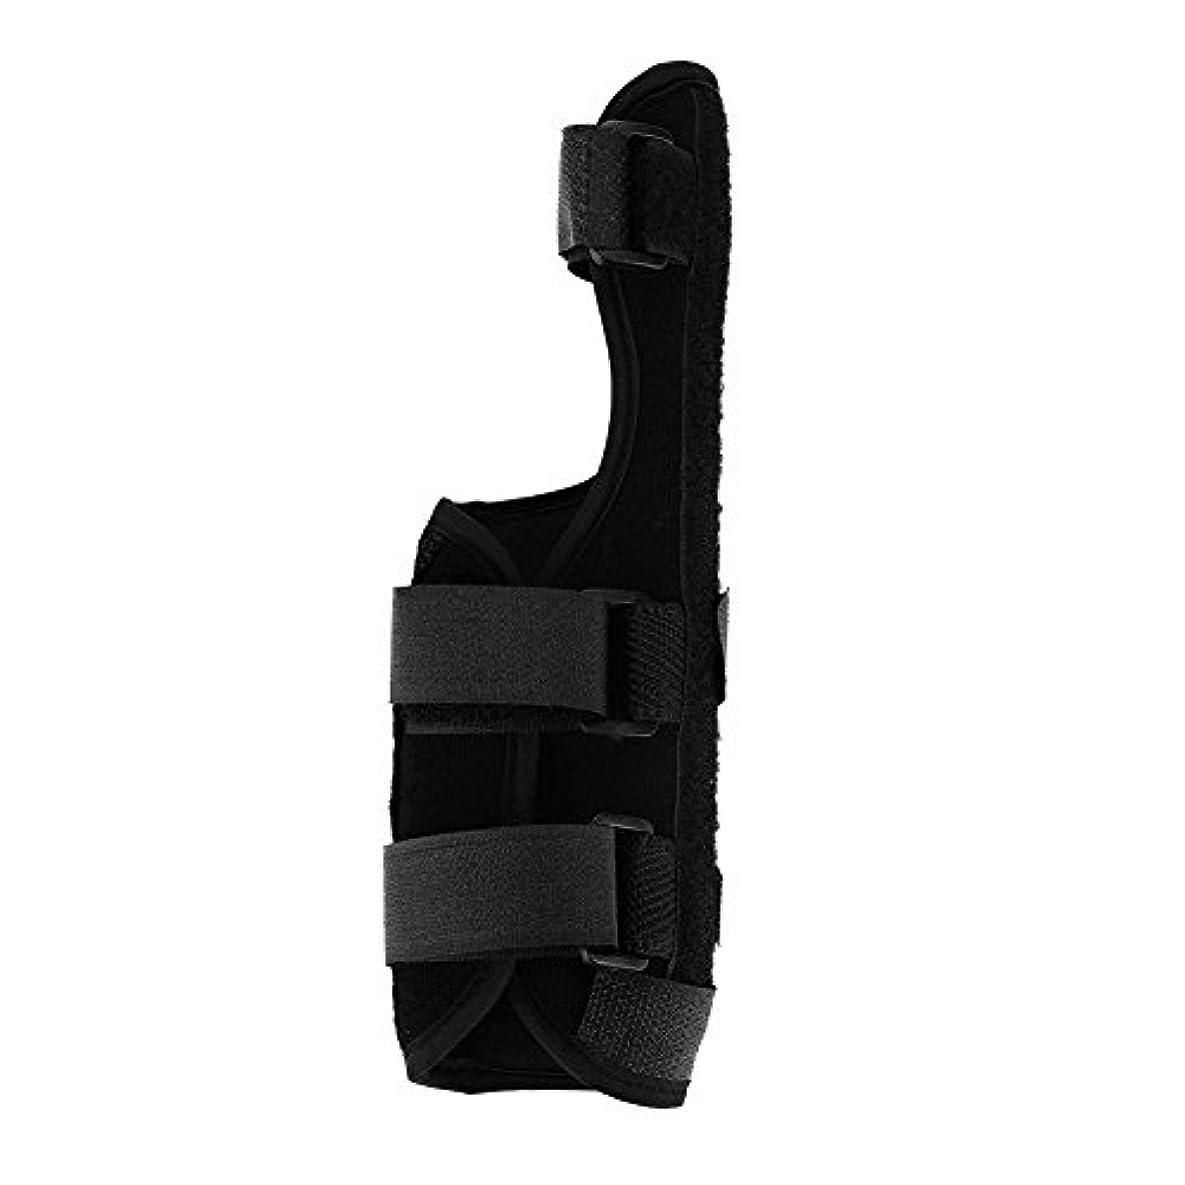 ストライク経度泳ぐ高度な手首ブレース - 手根管手首副子。手根管症候群、手首の痛み、捻挫、RSI、関節炎の即時鎮痛に最適(A la derechaL)